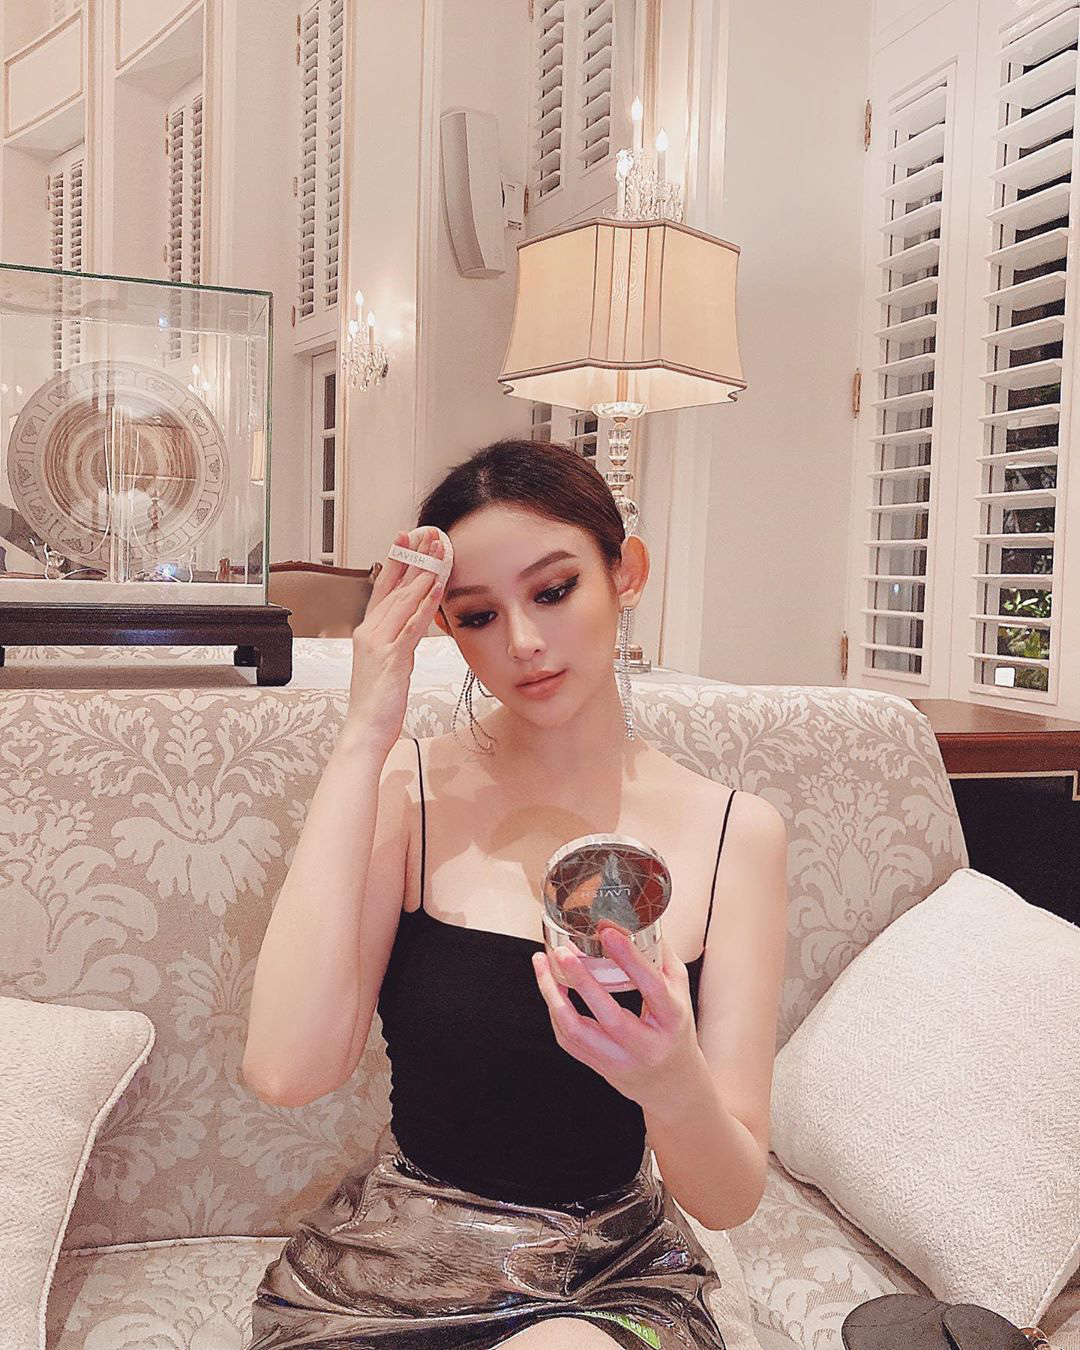 """Dàn hot girl Hà thành đời đầu """"đổi đời"""" thành hot mom giàu có, sang chảnh sở hữu nhà trăm tỷ - Ảnh 2."""